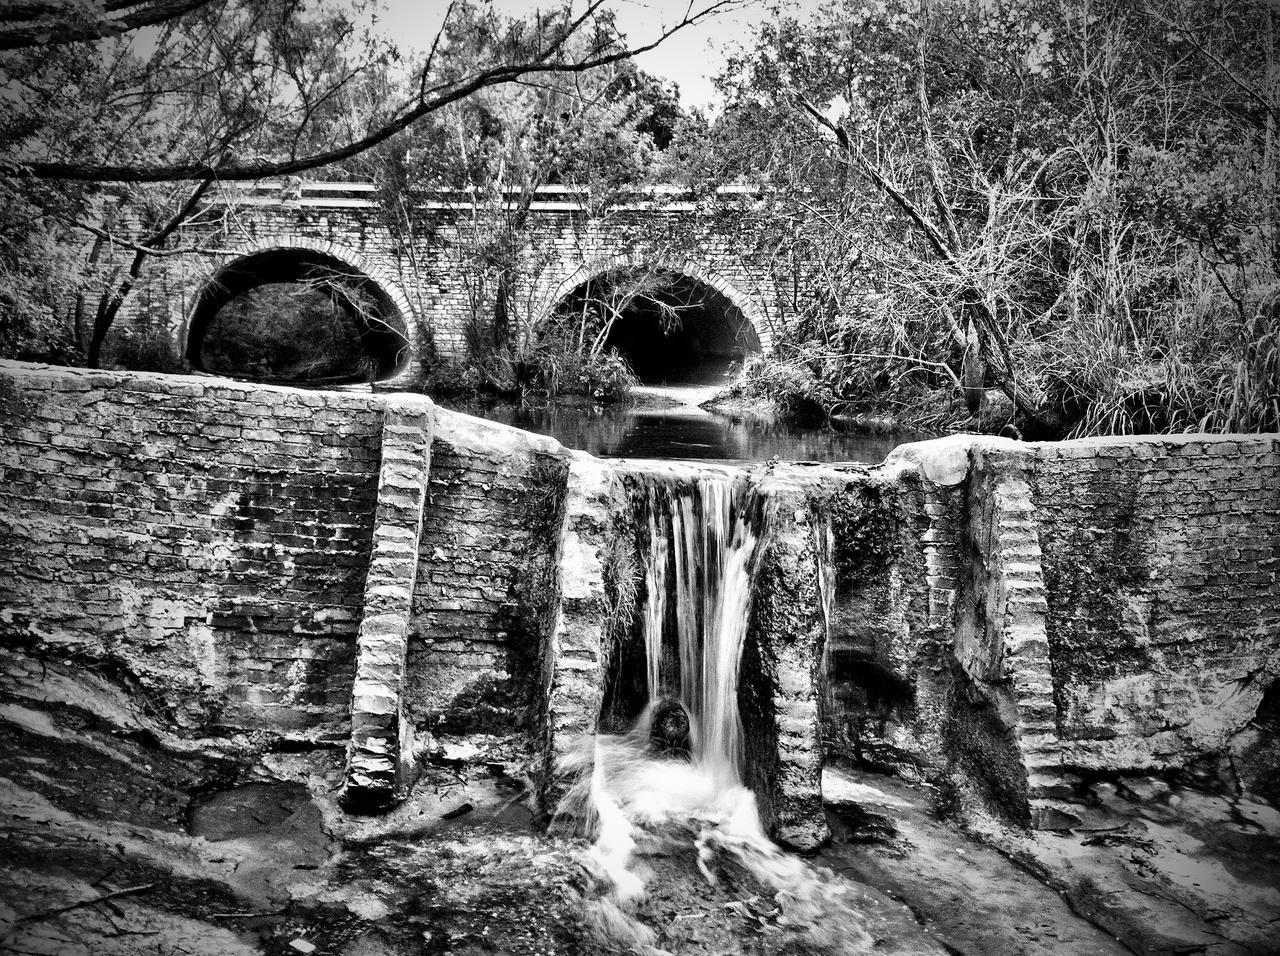 Walnut Creek Dam by sidpena